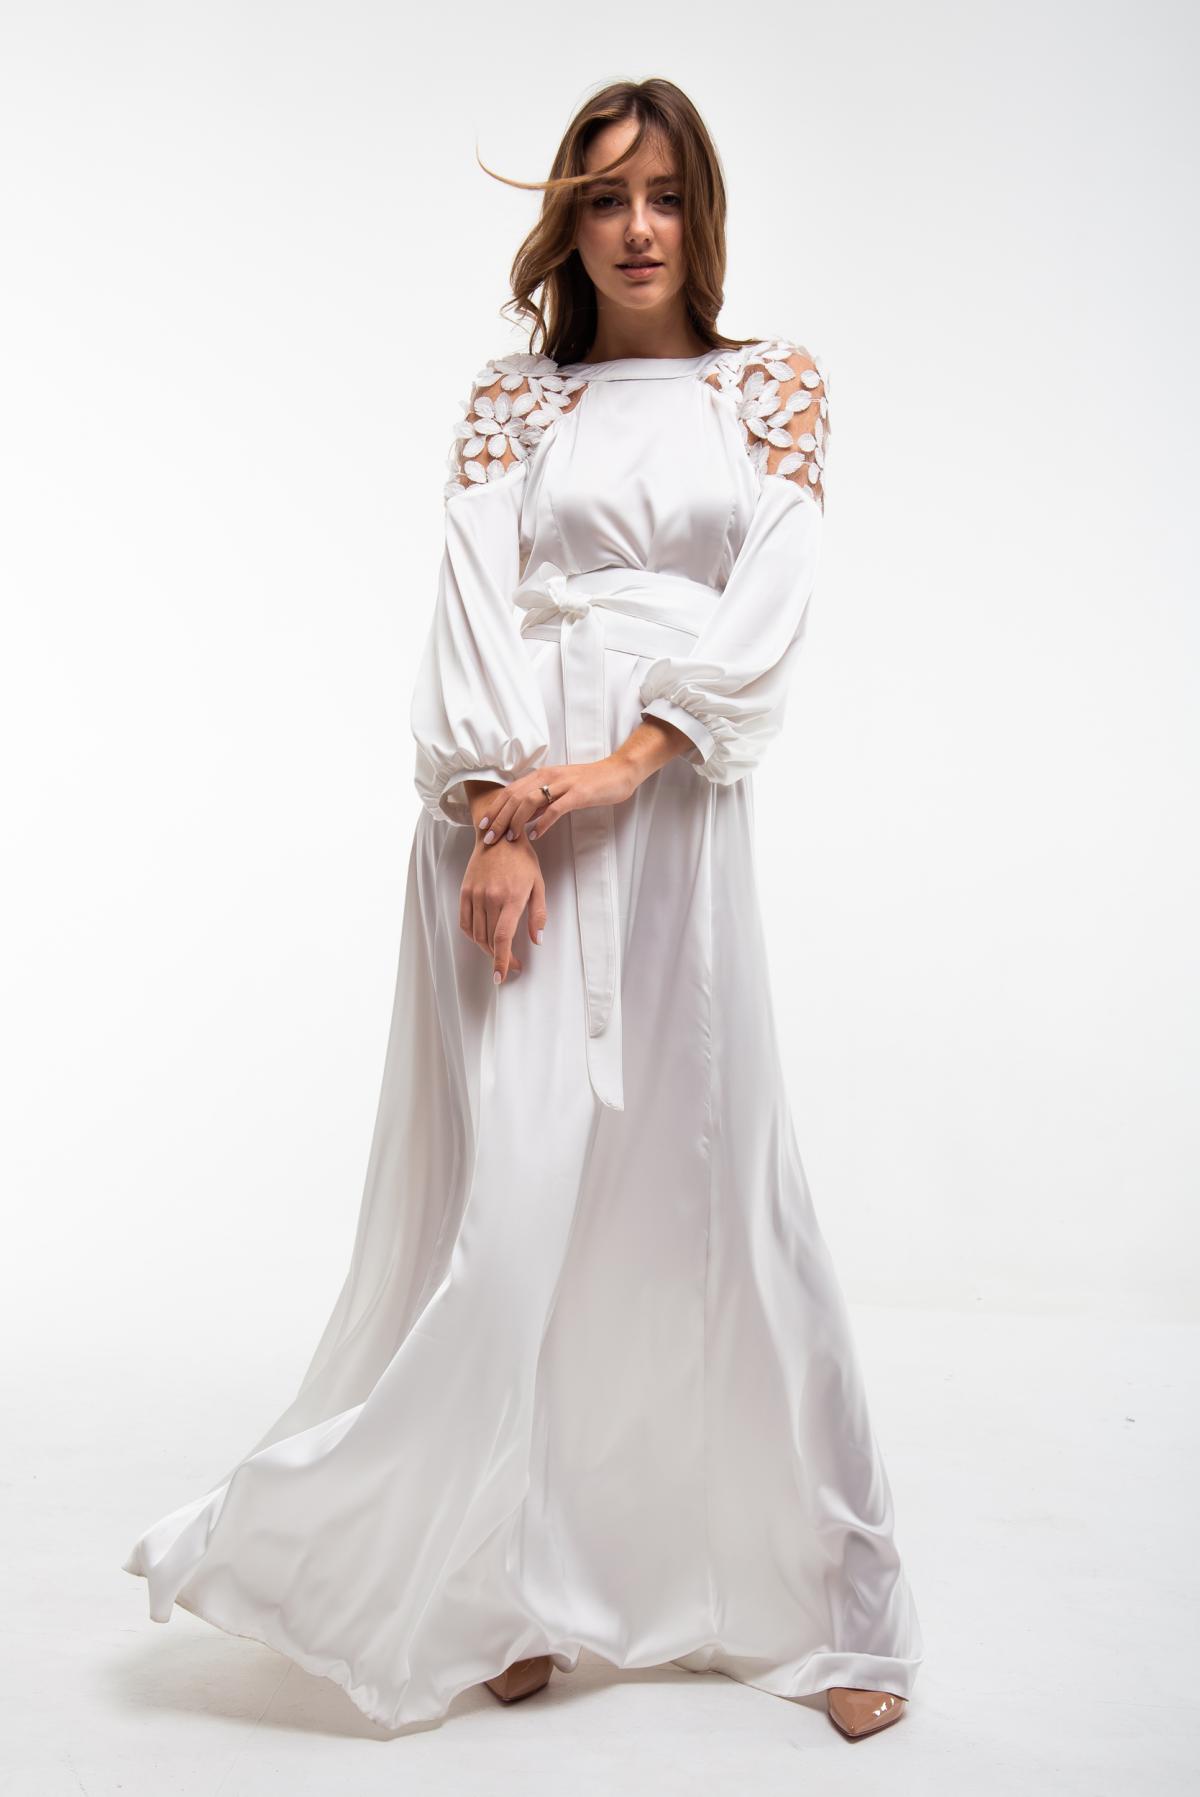 Вышитое белое платье Невеста. Фото №1. | Народный дом Украина